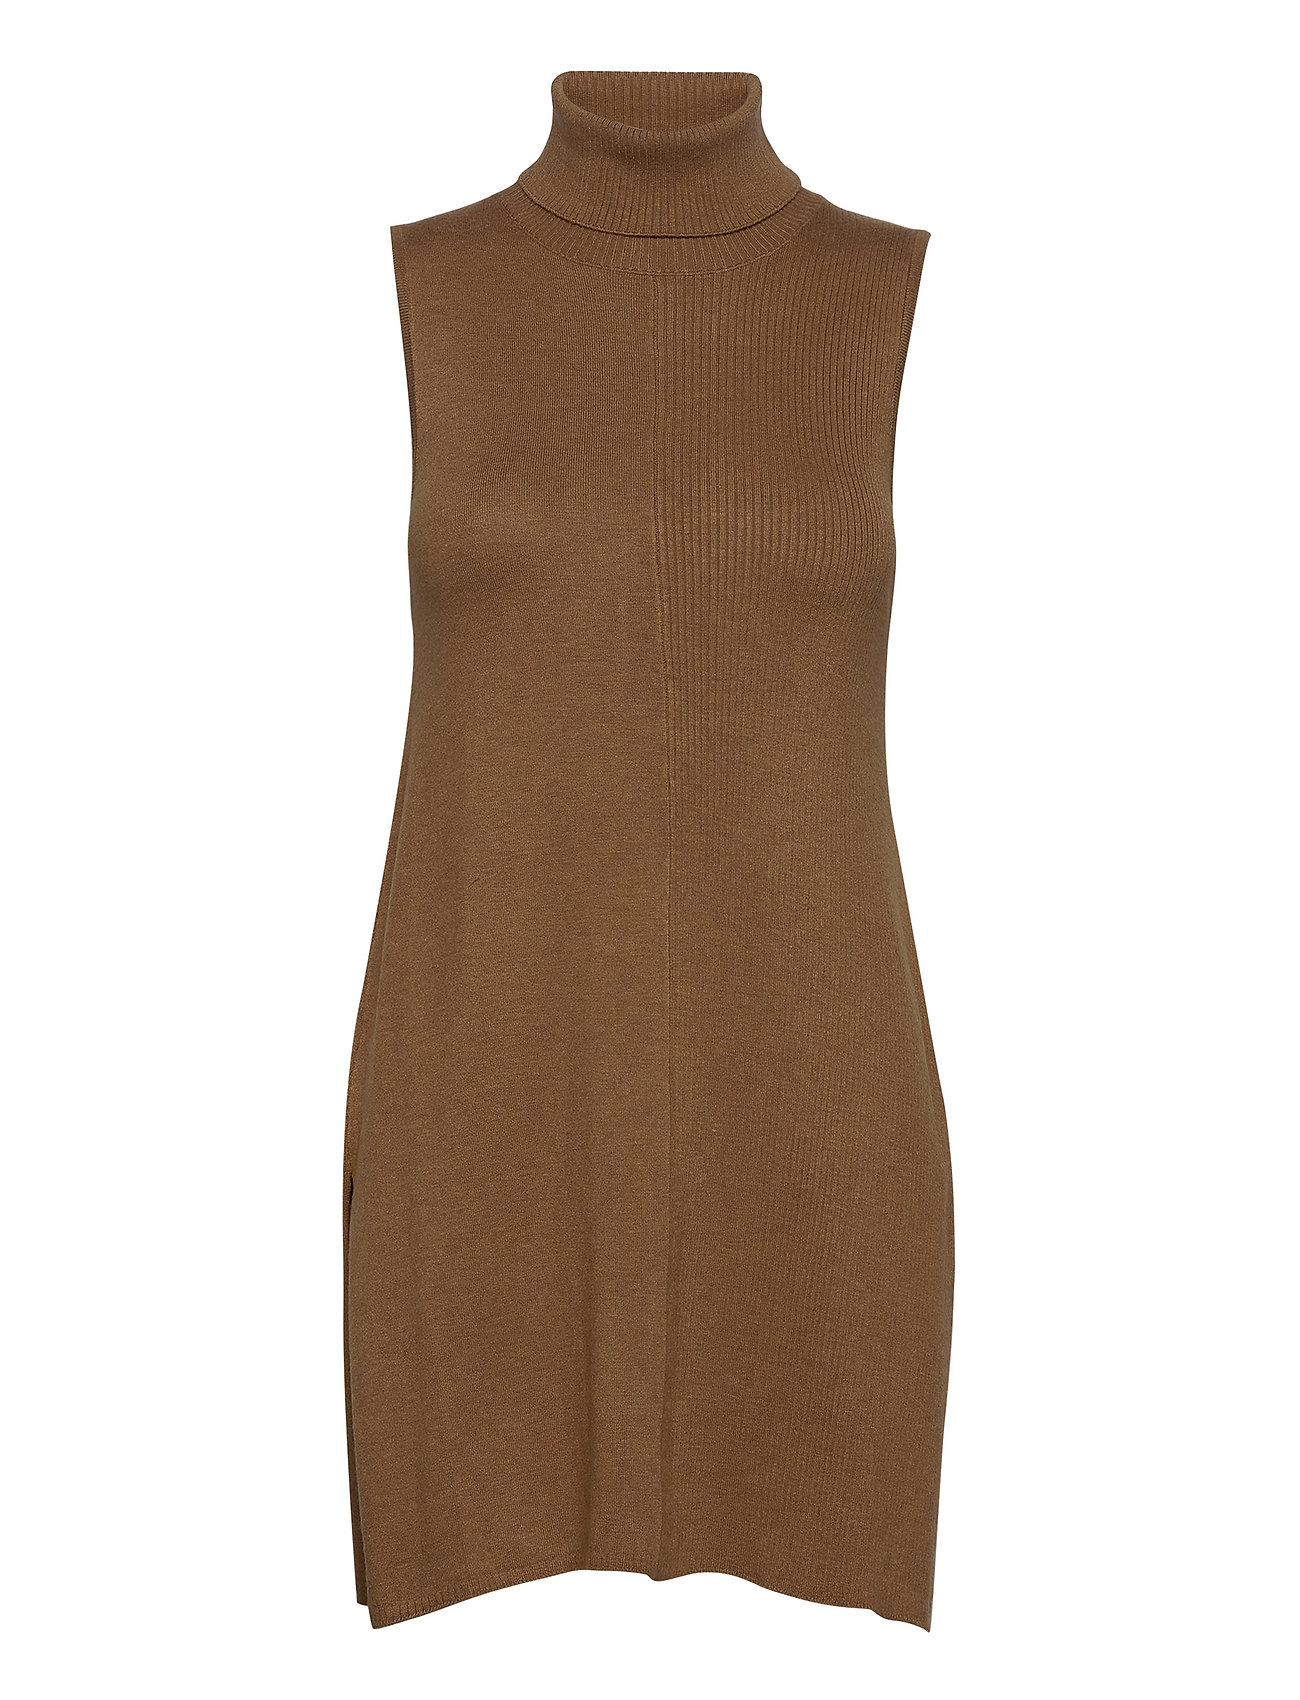 Lnnoian Knit Slipover Dresses Bodycon Dresses Brun Lounge Nine